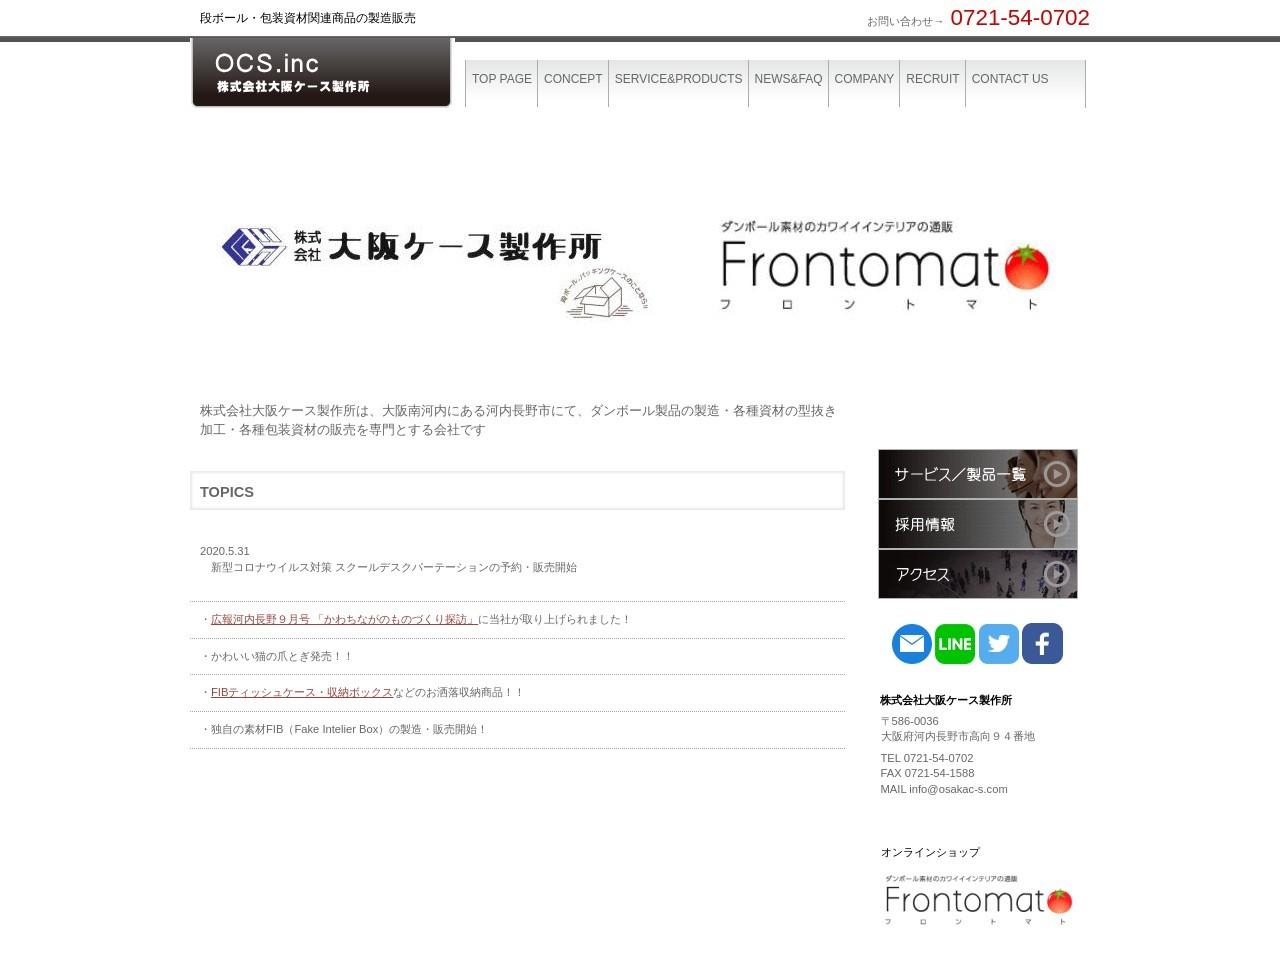 株式会社大阪ケース製作所